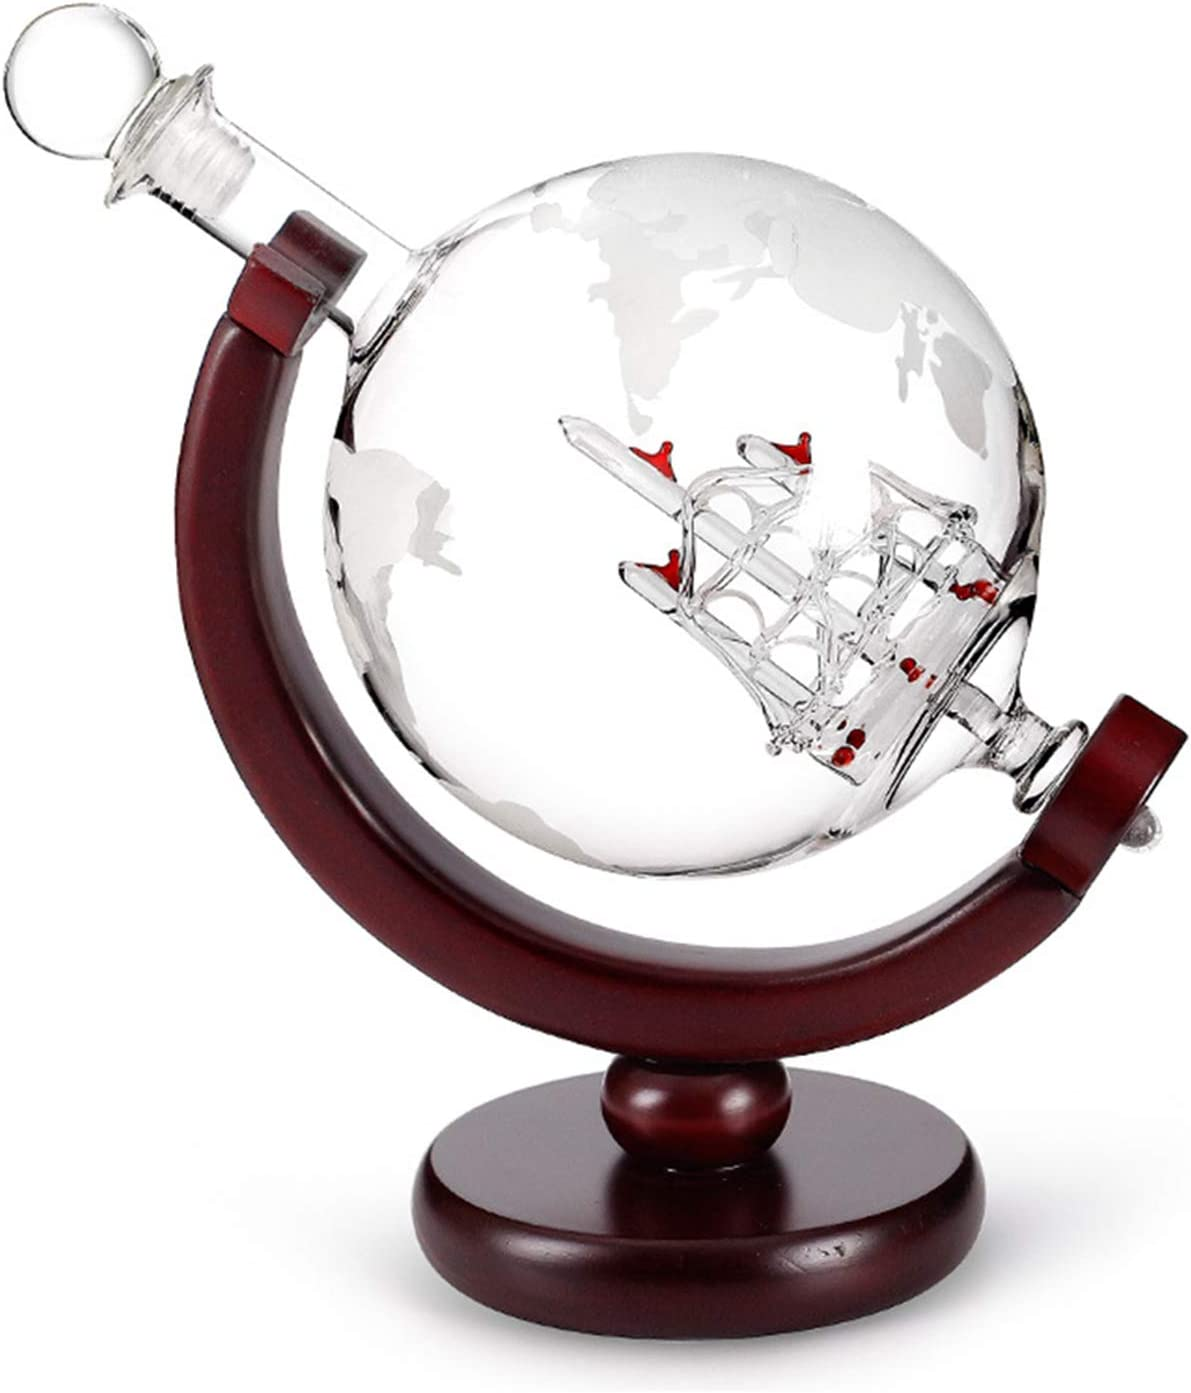 Lynn Etched Globe D/écanteur design avec boule grav/ée pour liqueur Whisky Bourbon Etched Globe Design d/écanteur avec boule grav/ée pour liqueur Whisky bourbon